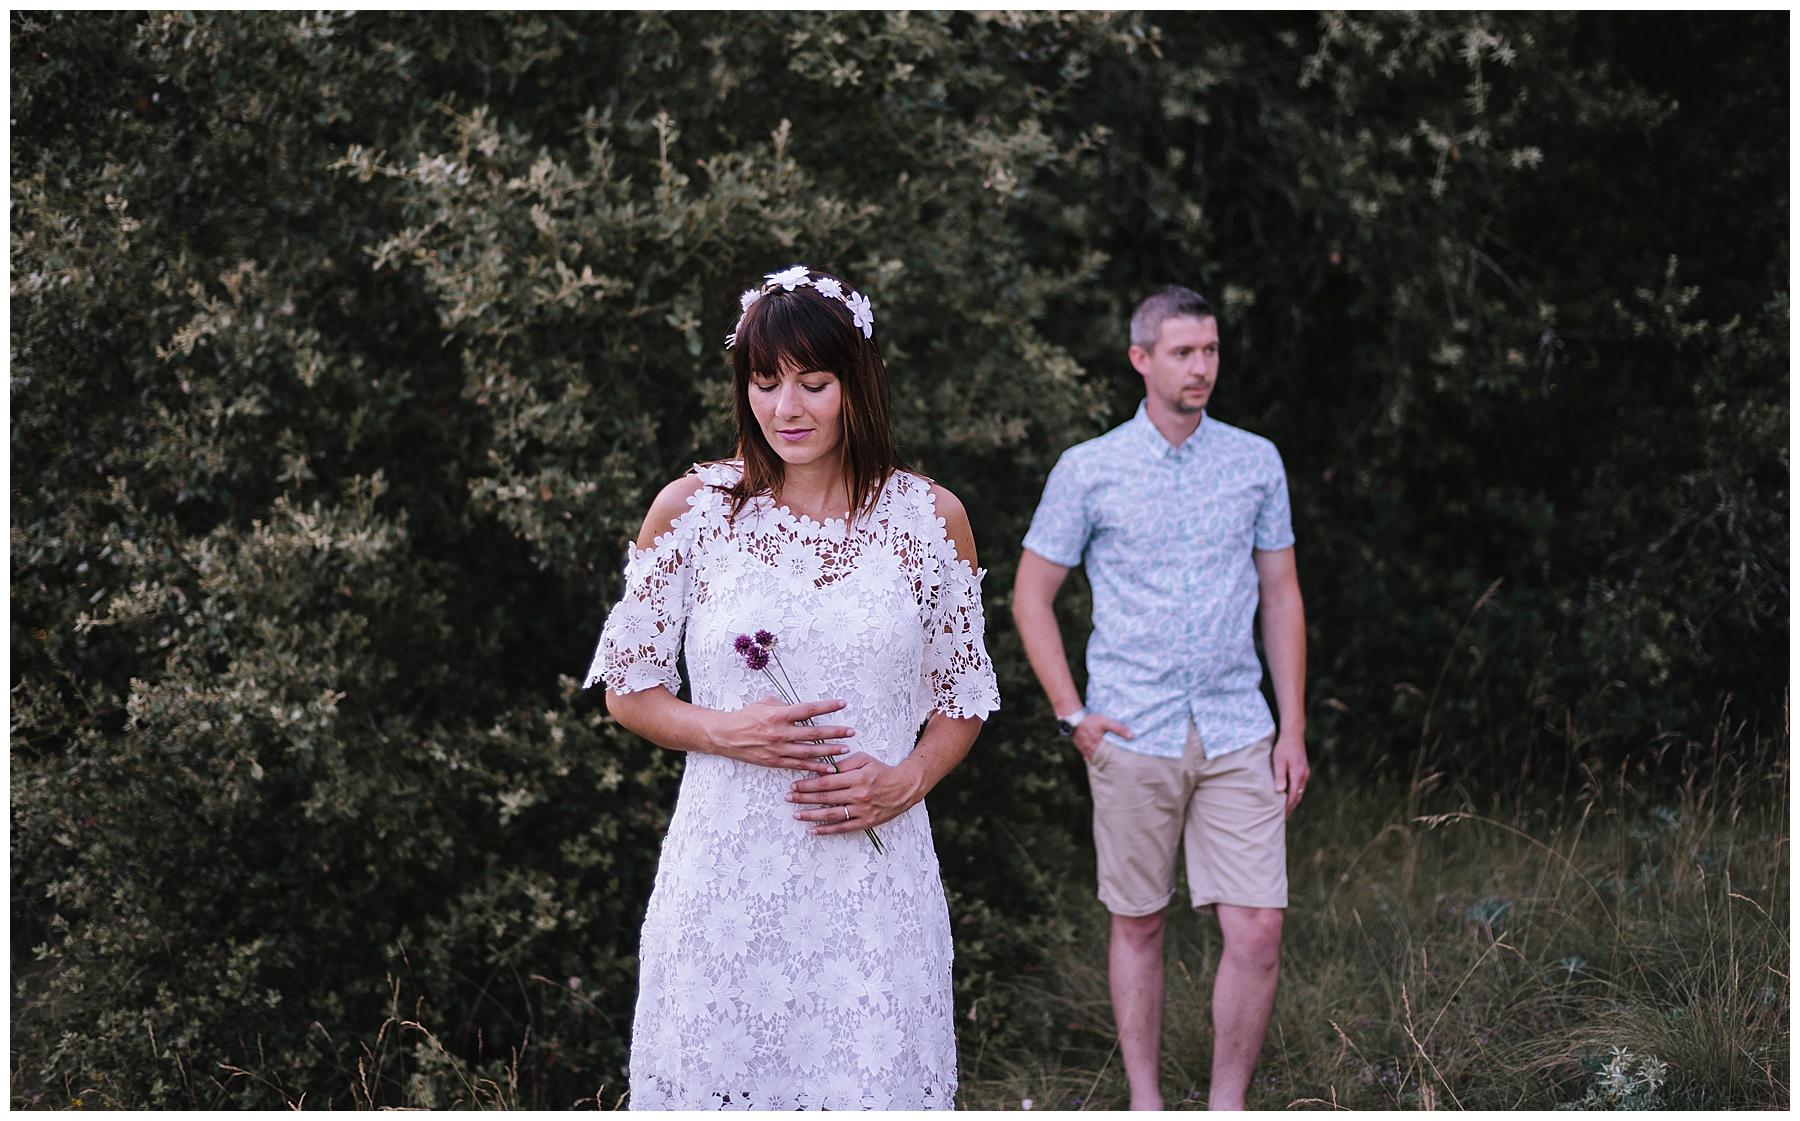 séance couple à bordeaux, photographe mariage gironde